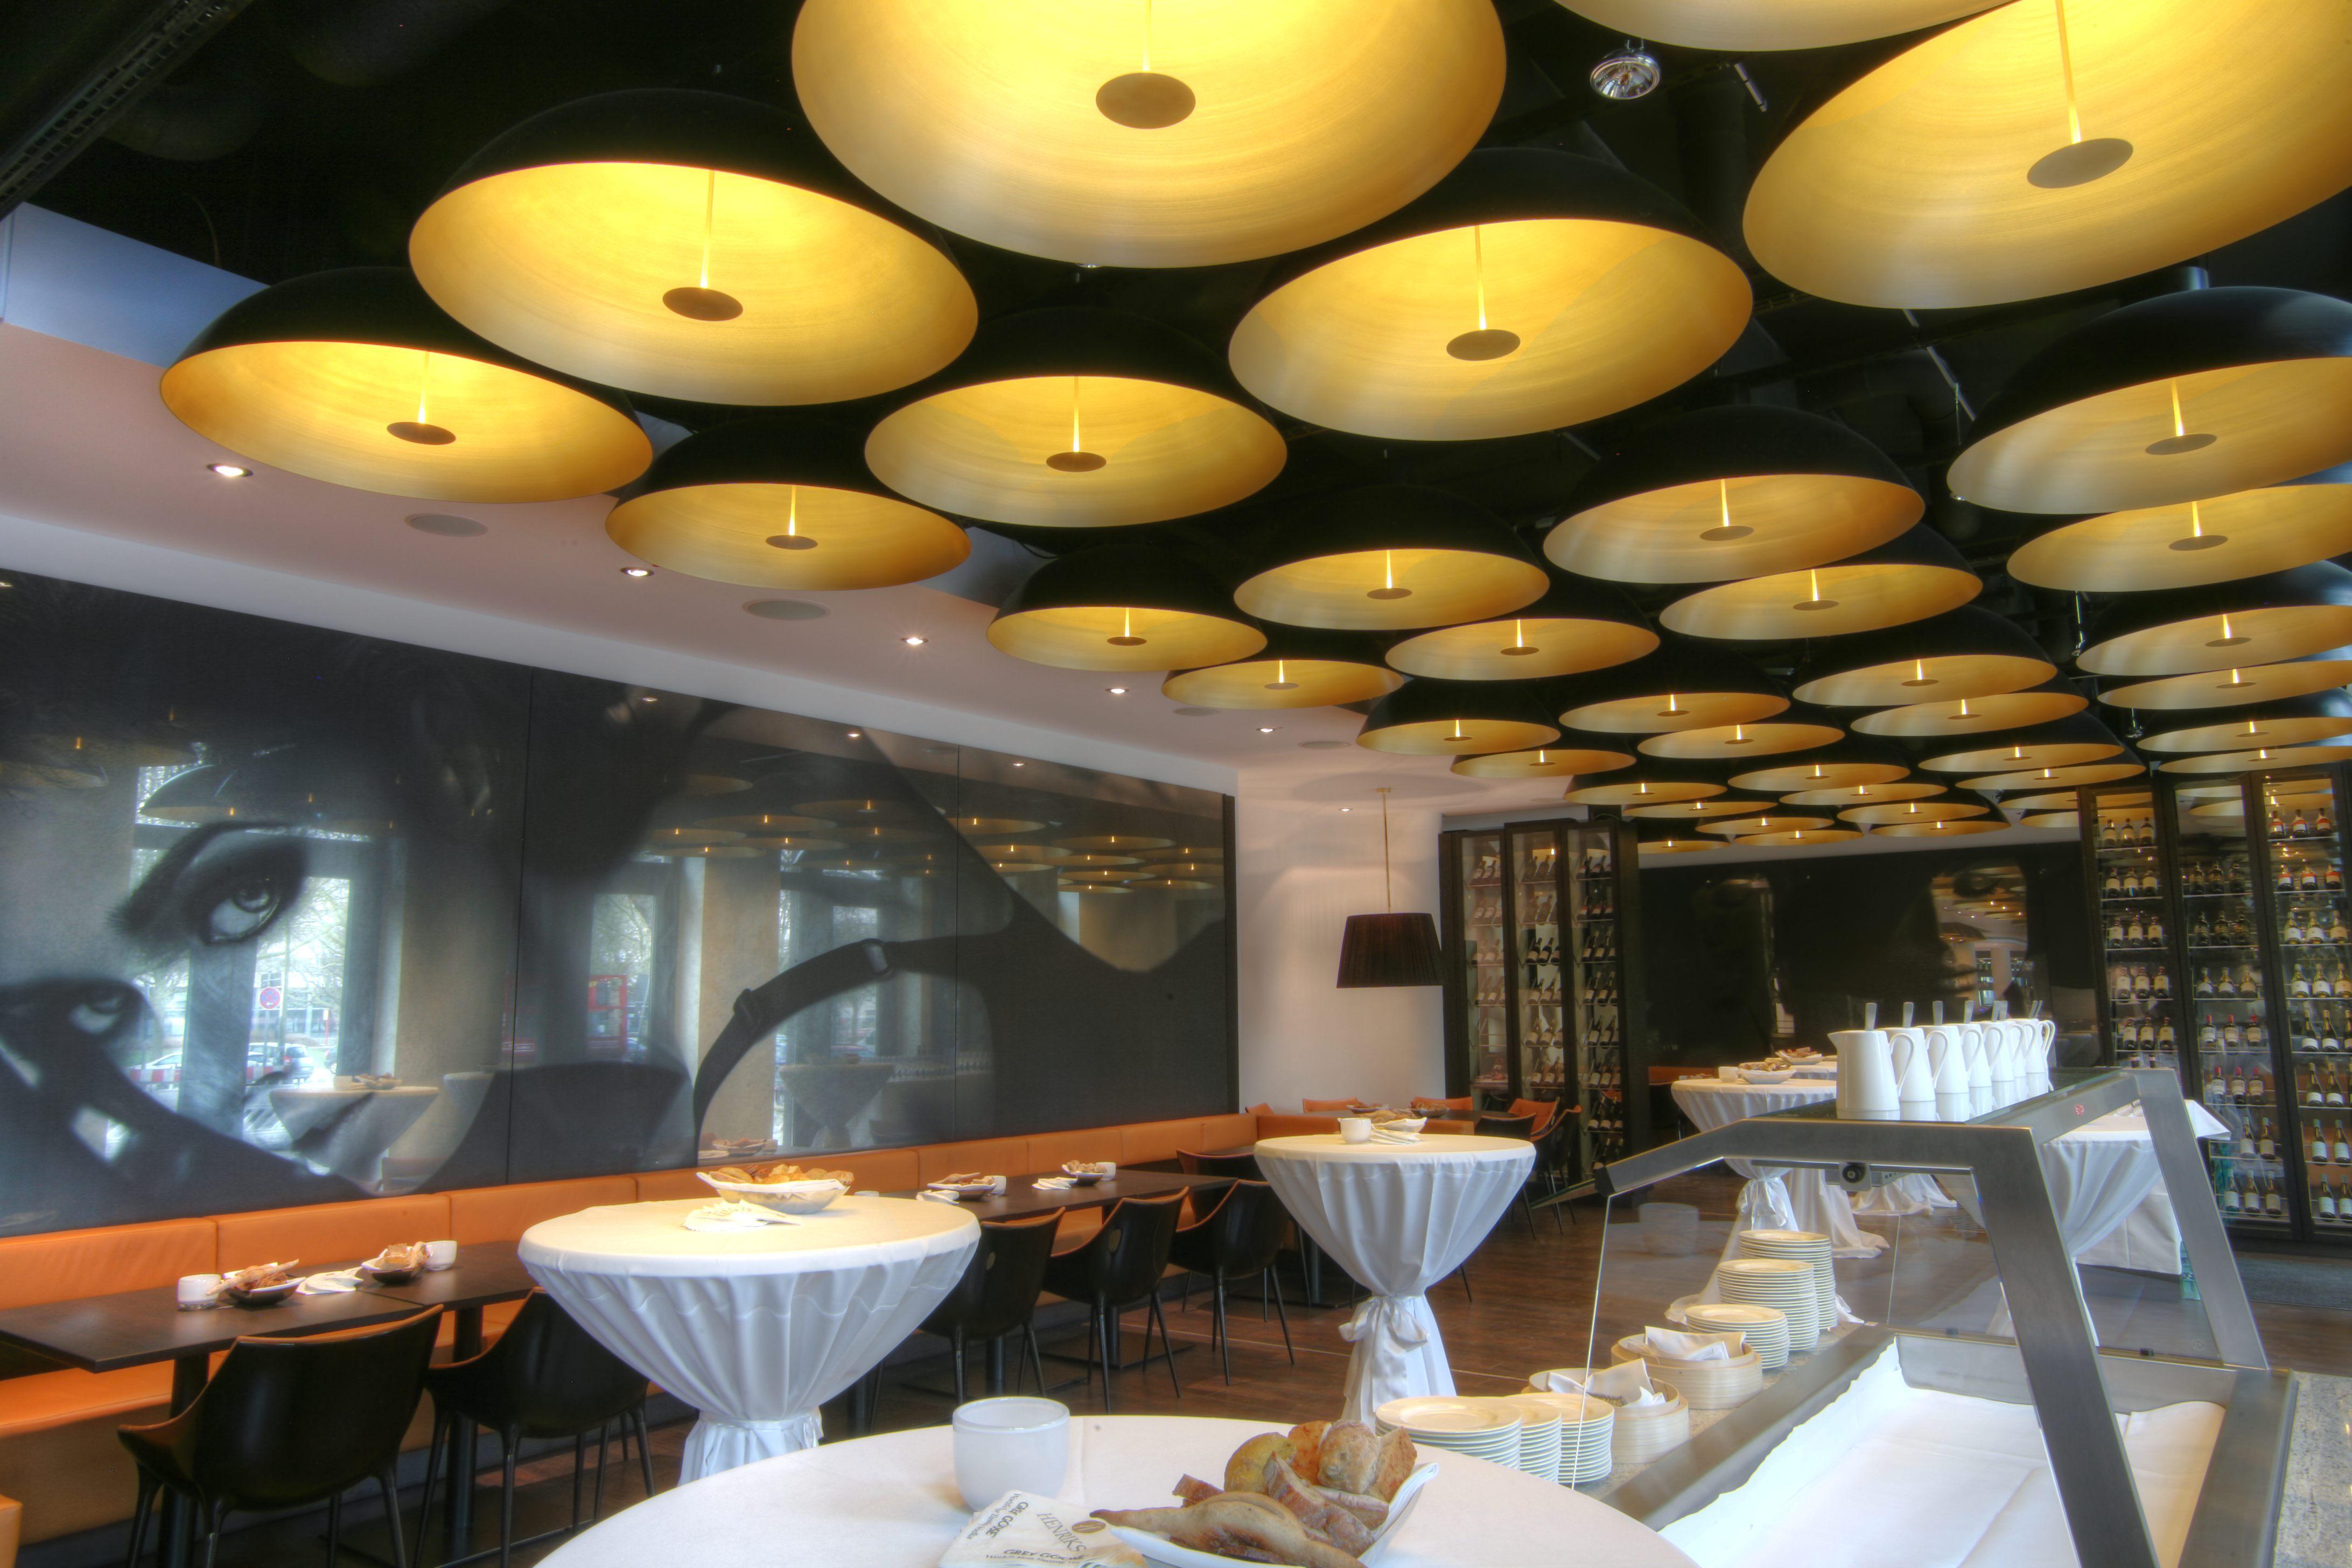 Leuchten Restaurant Henriks - Hamburg